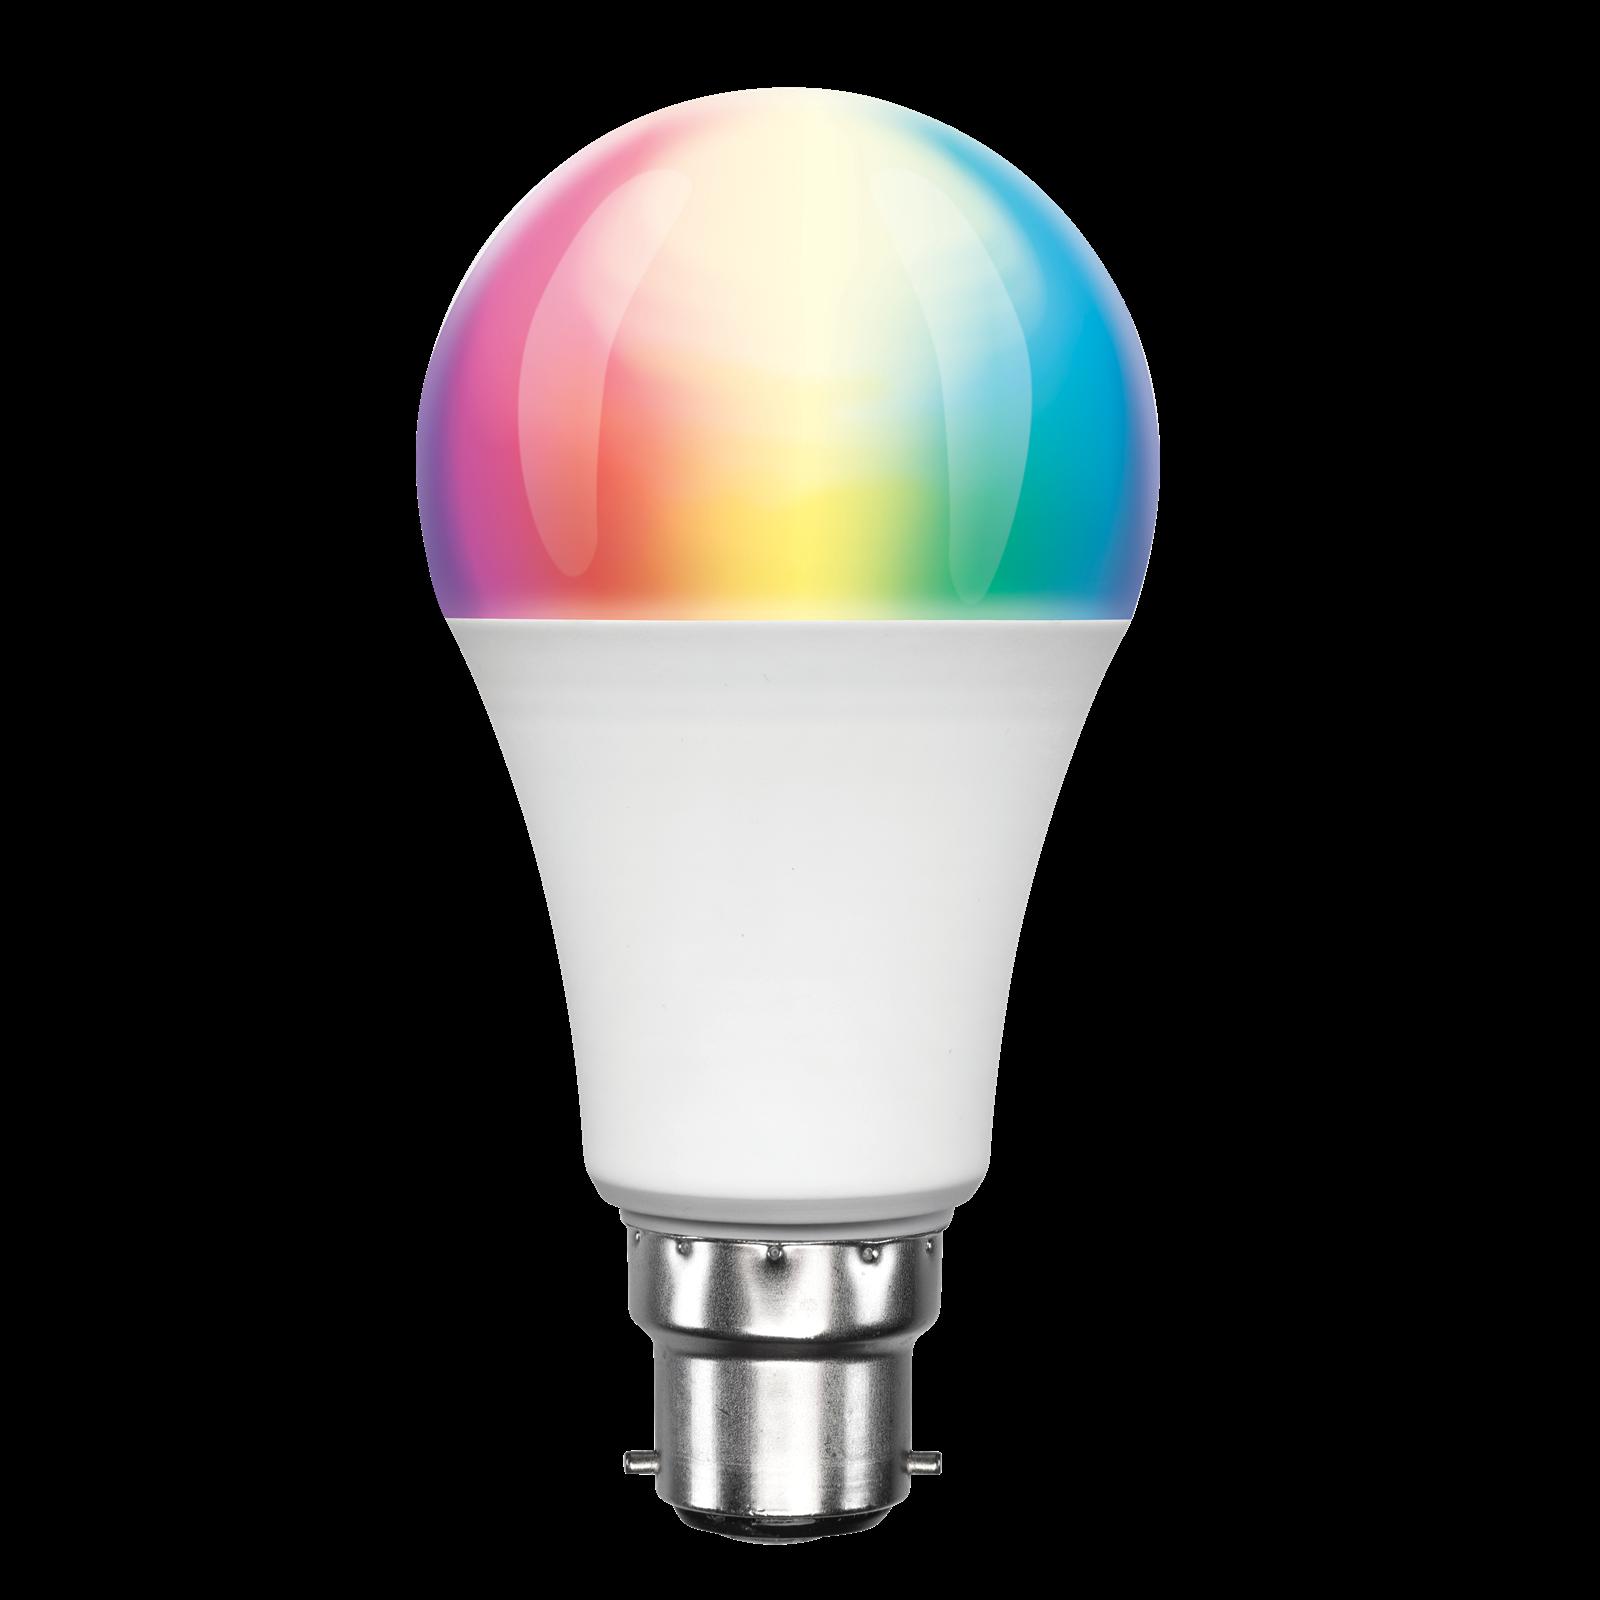 Brilliant 8.5W B22 Colour And White Smart Globe